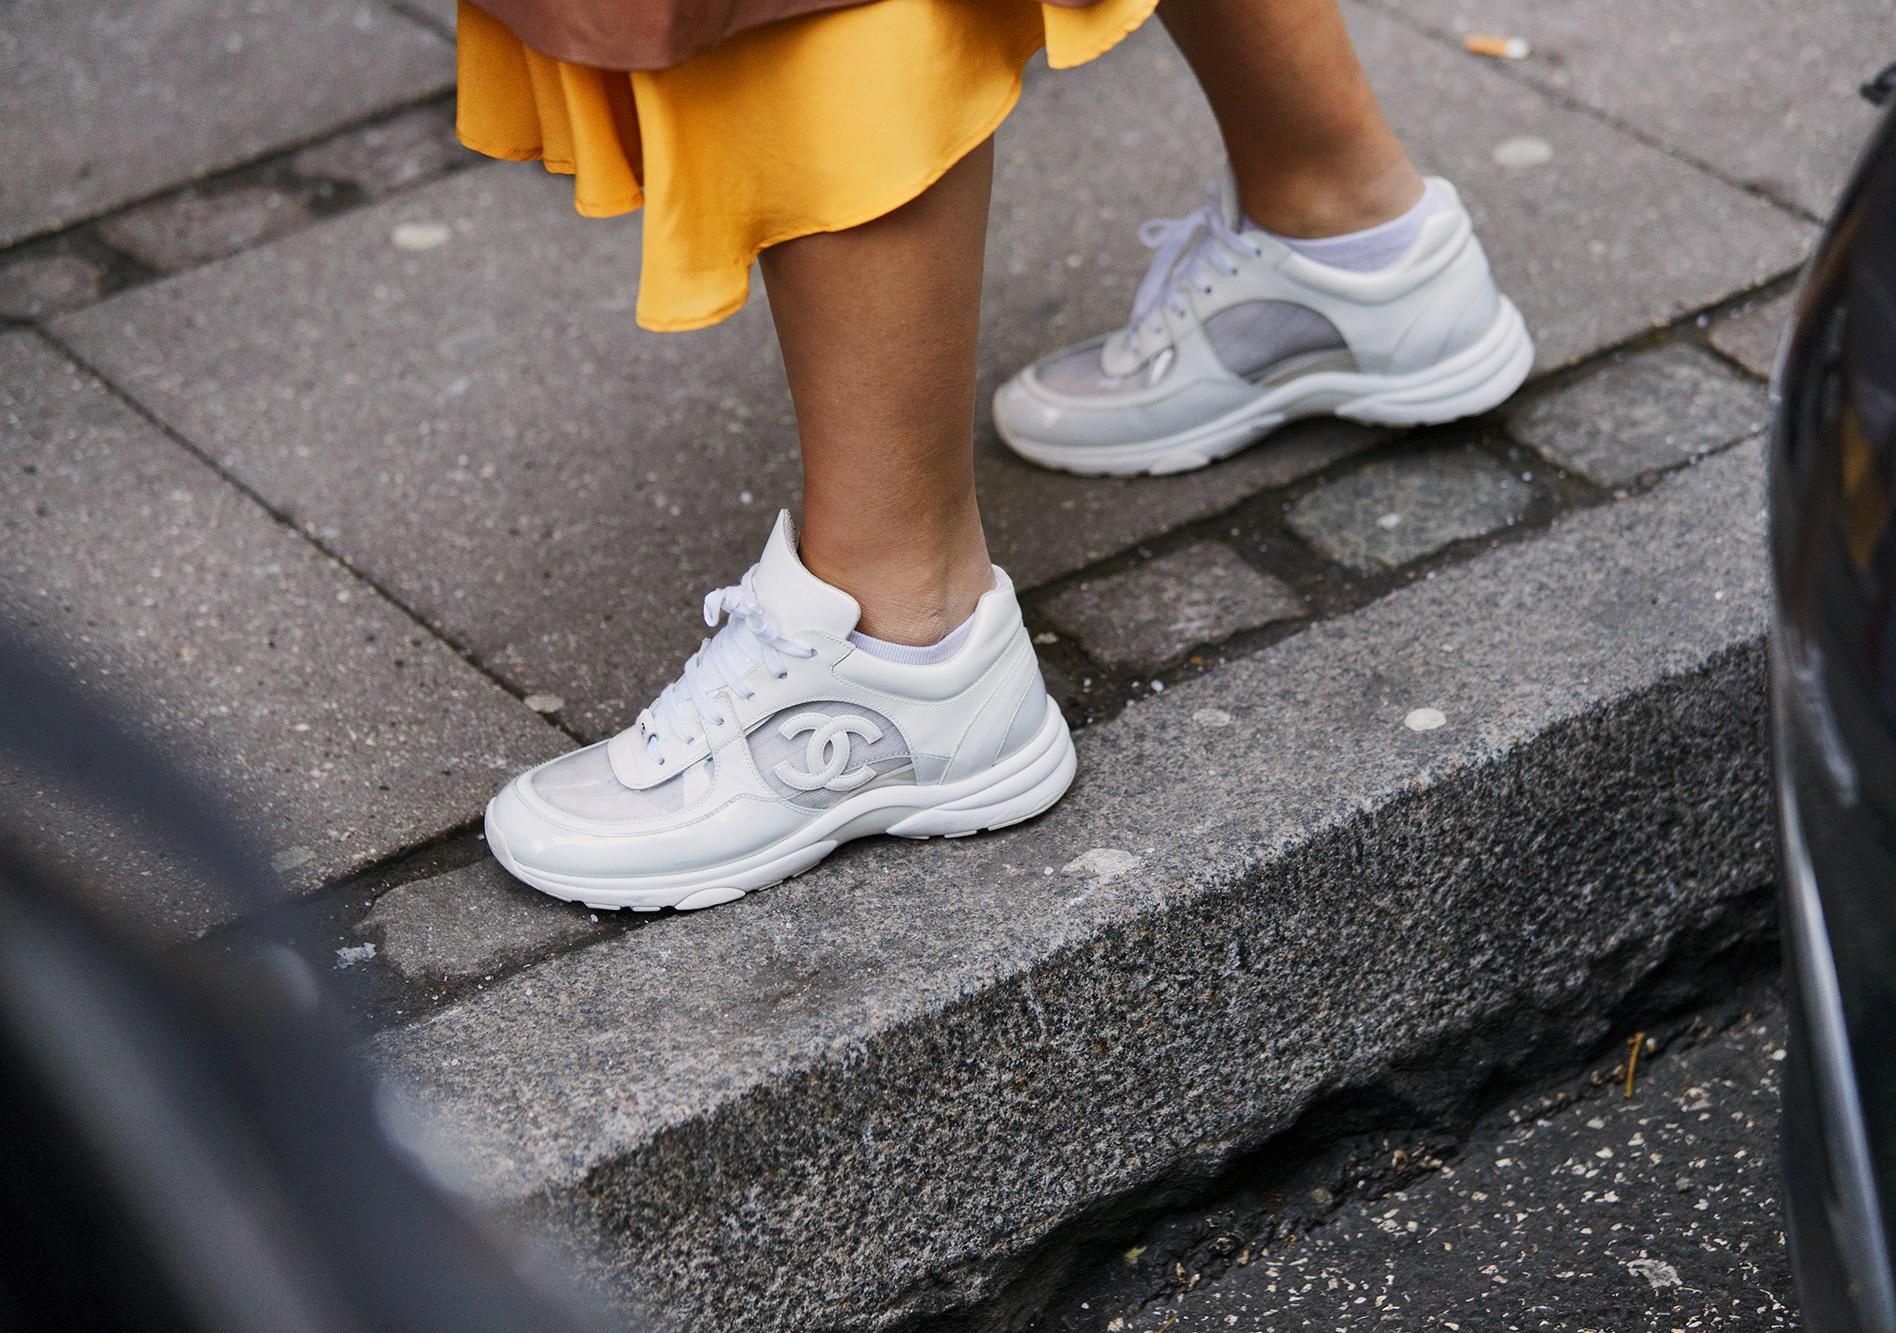 2d7bda02c9 Scarpe moda donna: 21 modelli per la primavera estate 2019